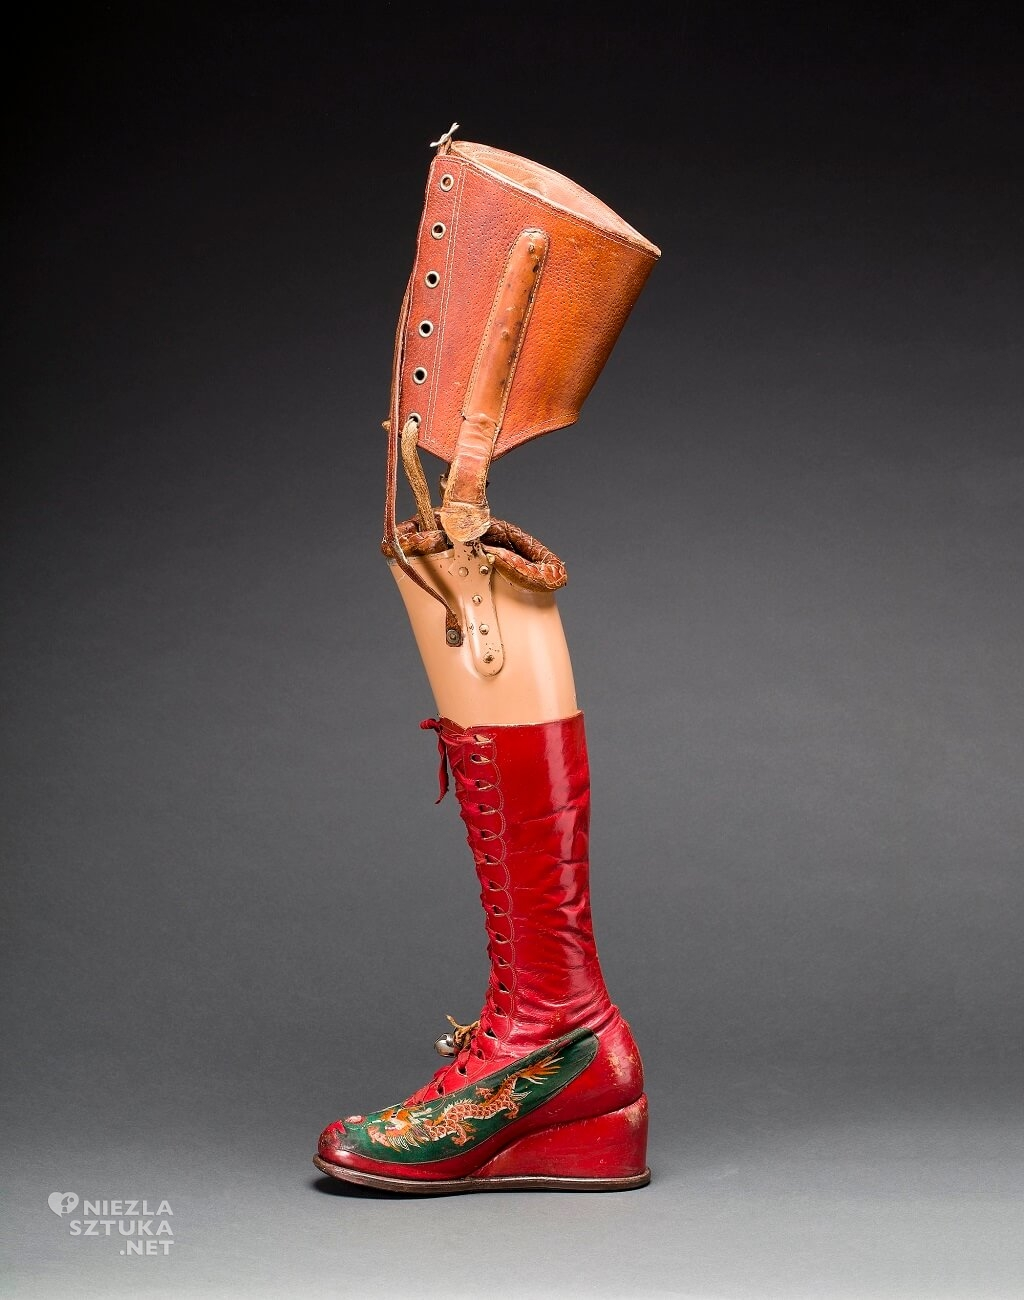 Proteza Fridy Kahlo, Javier Hinojosa. Museo Frida Kahlo. Diego Riviera, Frida Kahlo Archives, Niezła sztuka